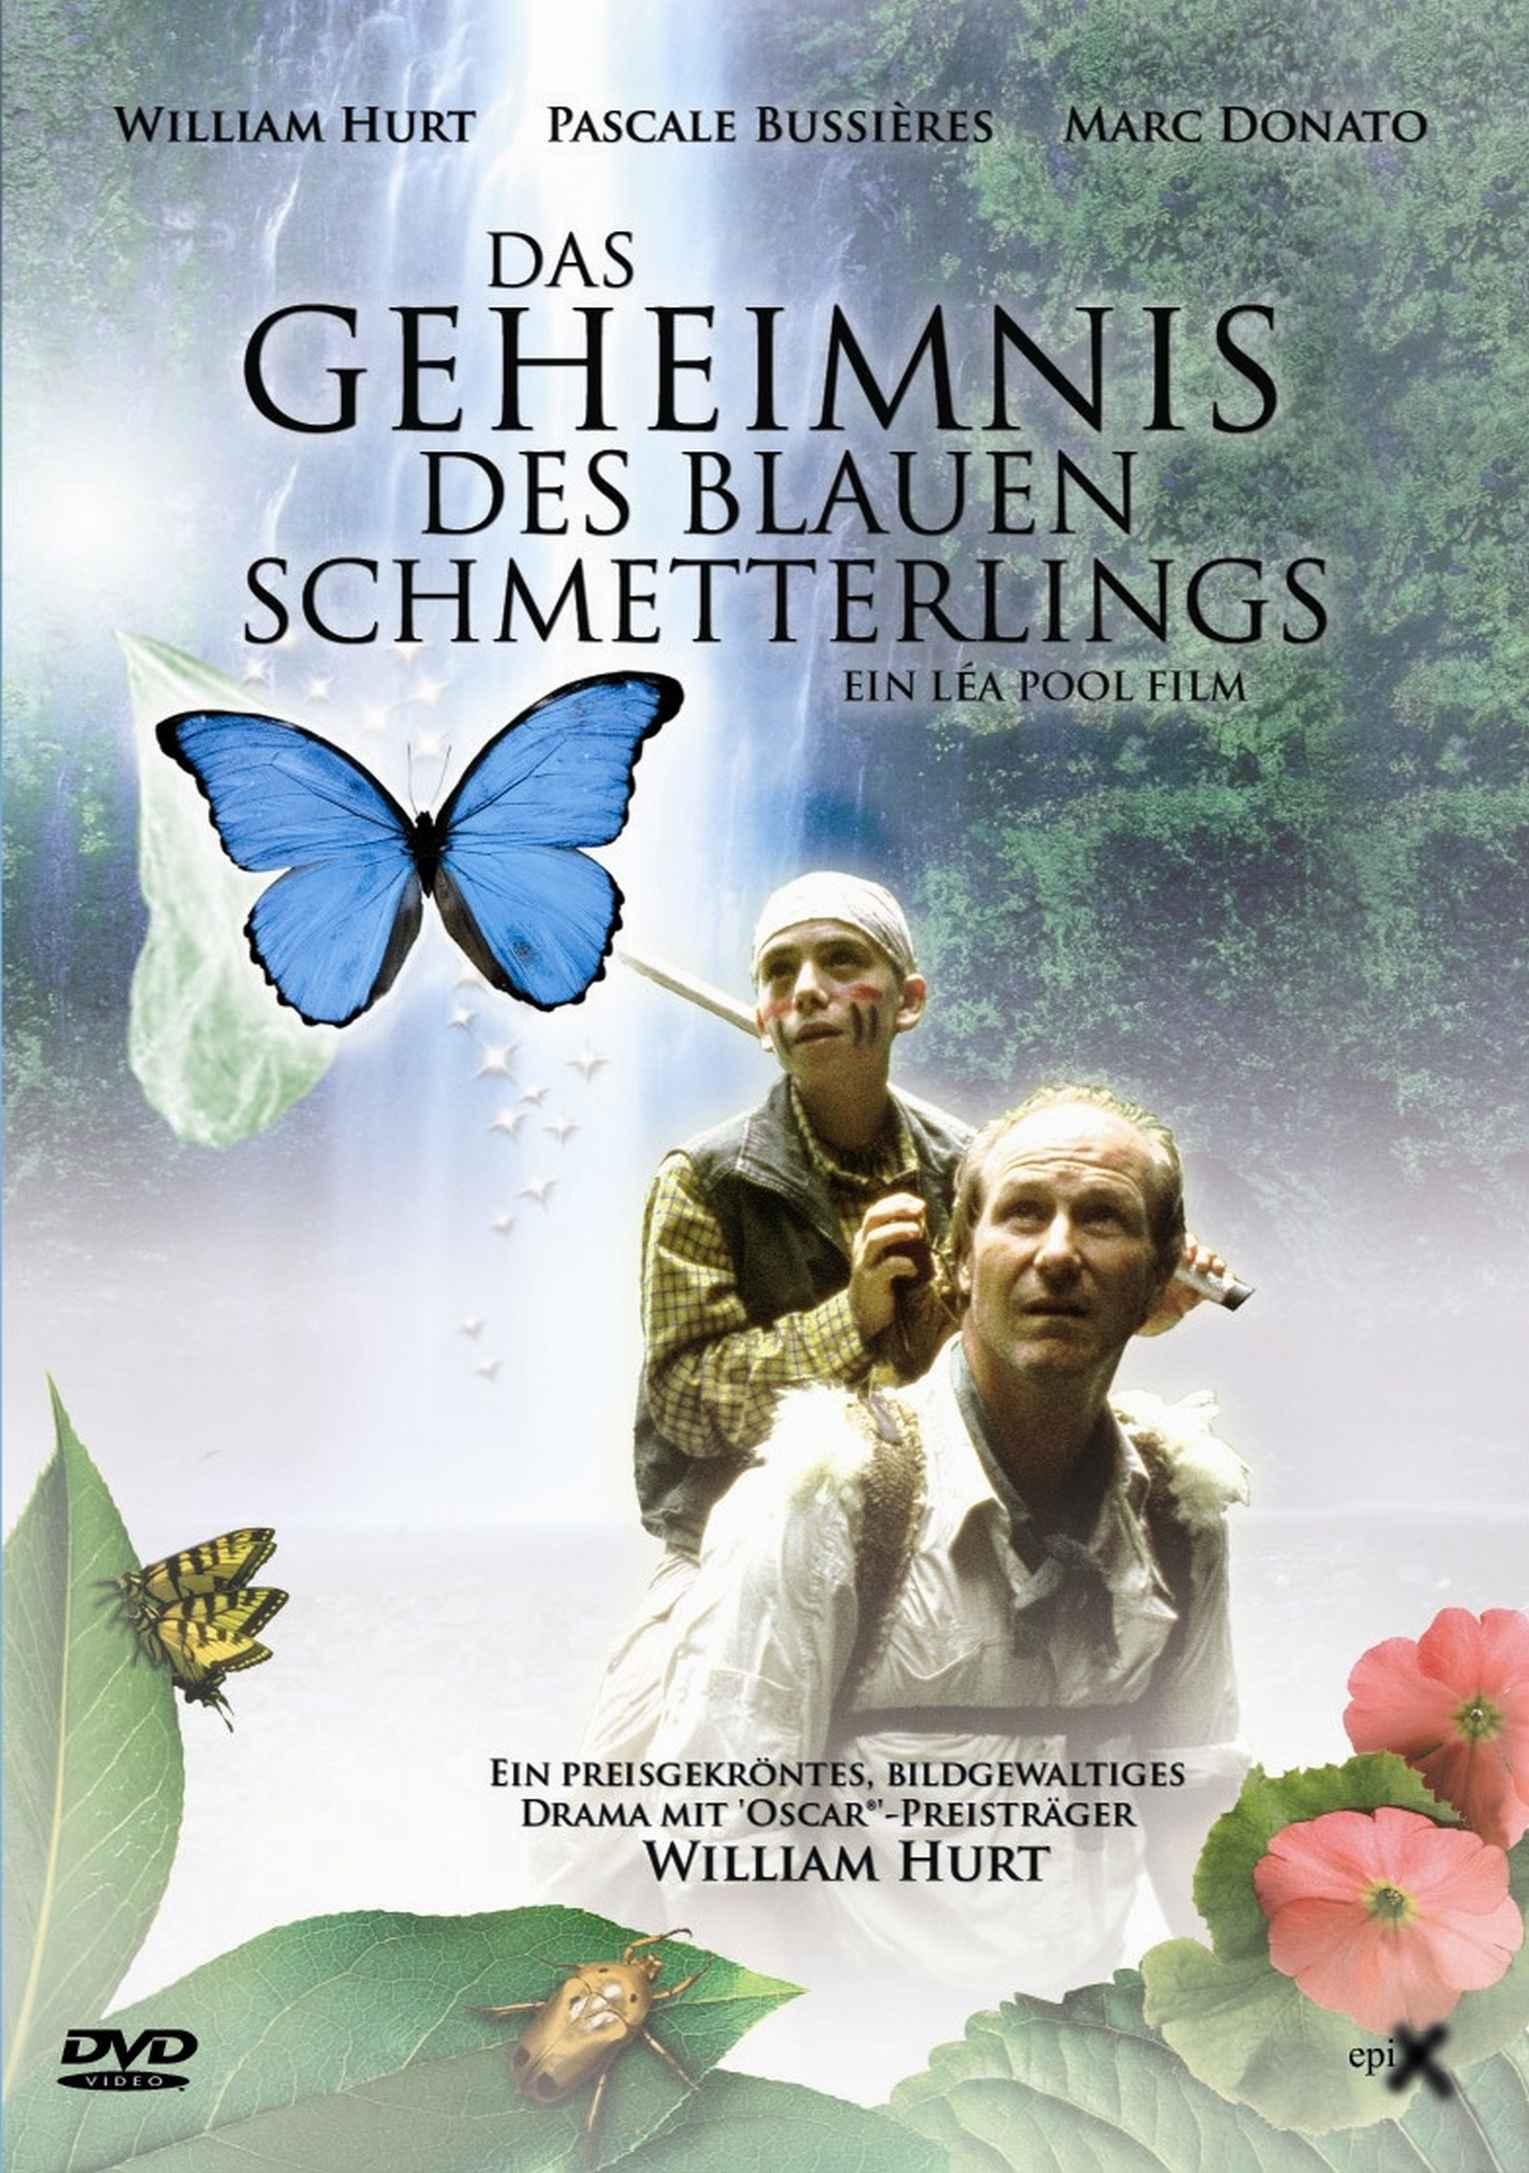 GEHEIMNIS DES BLAUEN SCHMETTERLINGS FrontCover